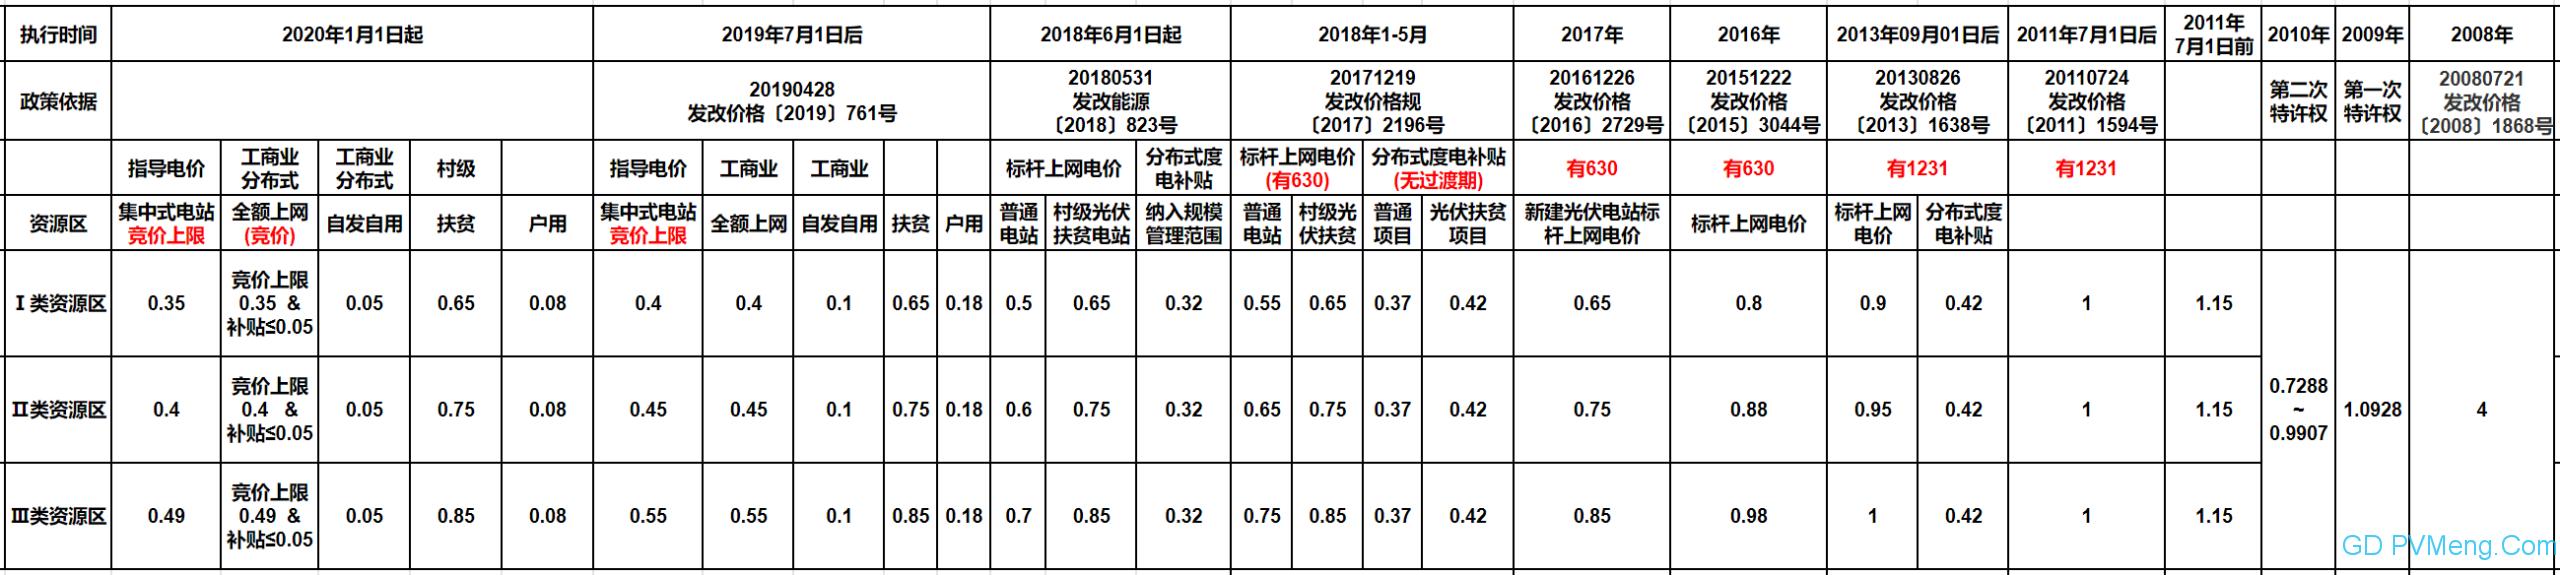 """0190110新华社-我国将推进风电、光伏发电无补贴平价上网"""""""